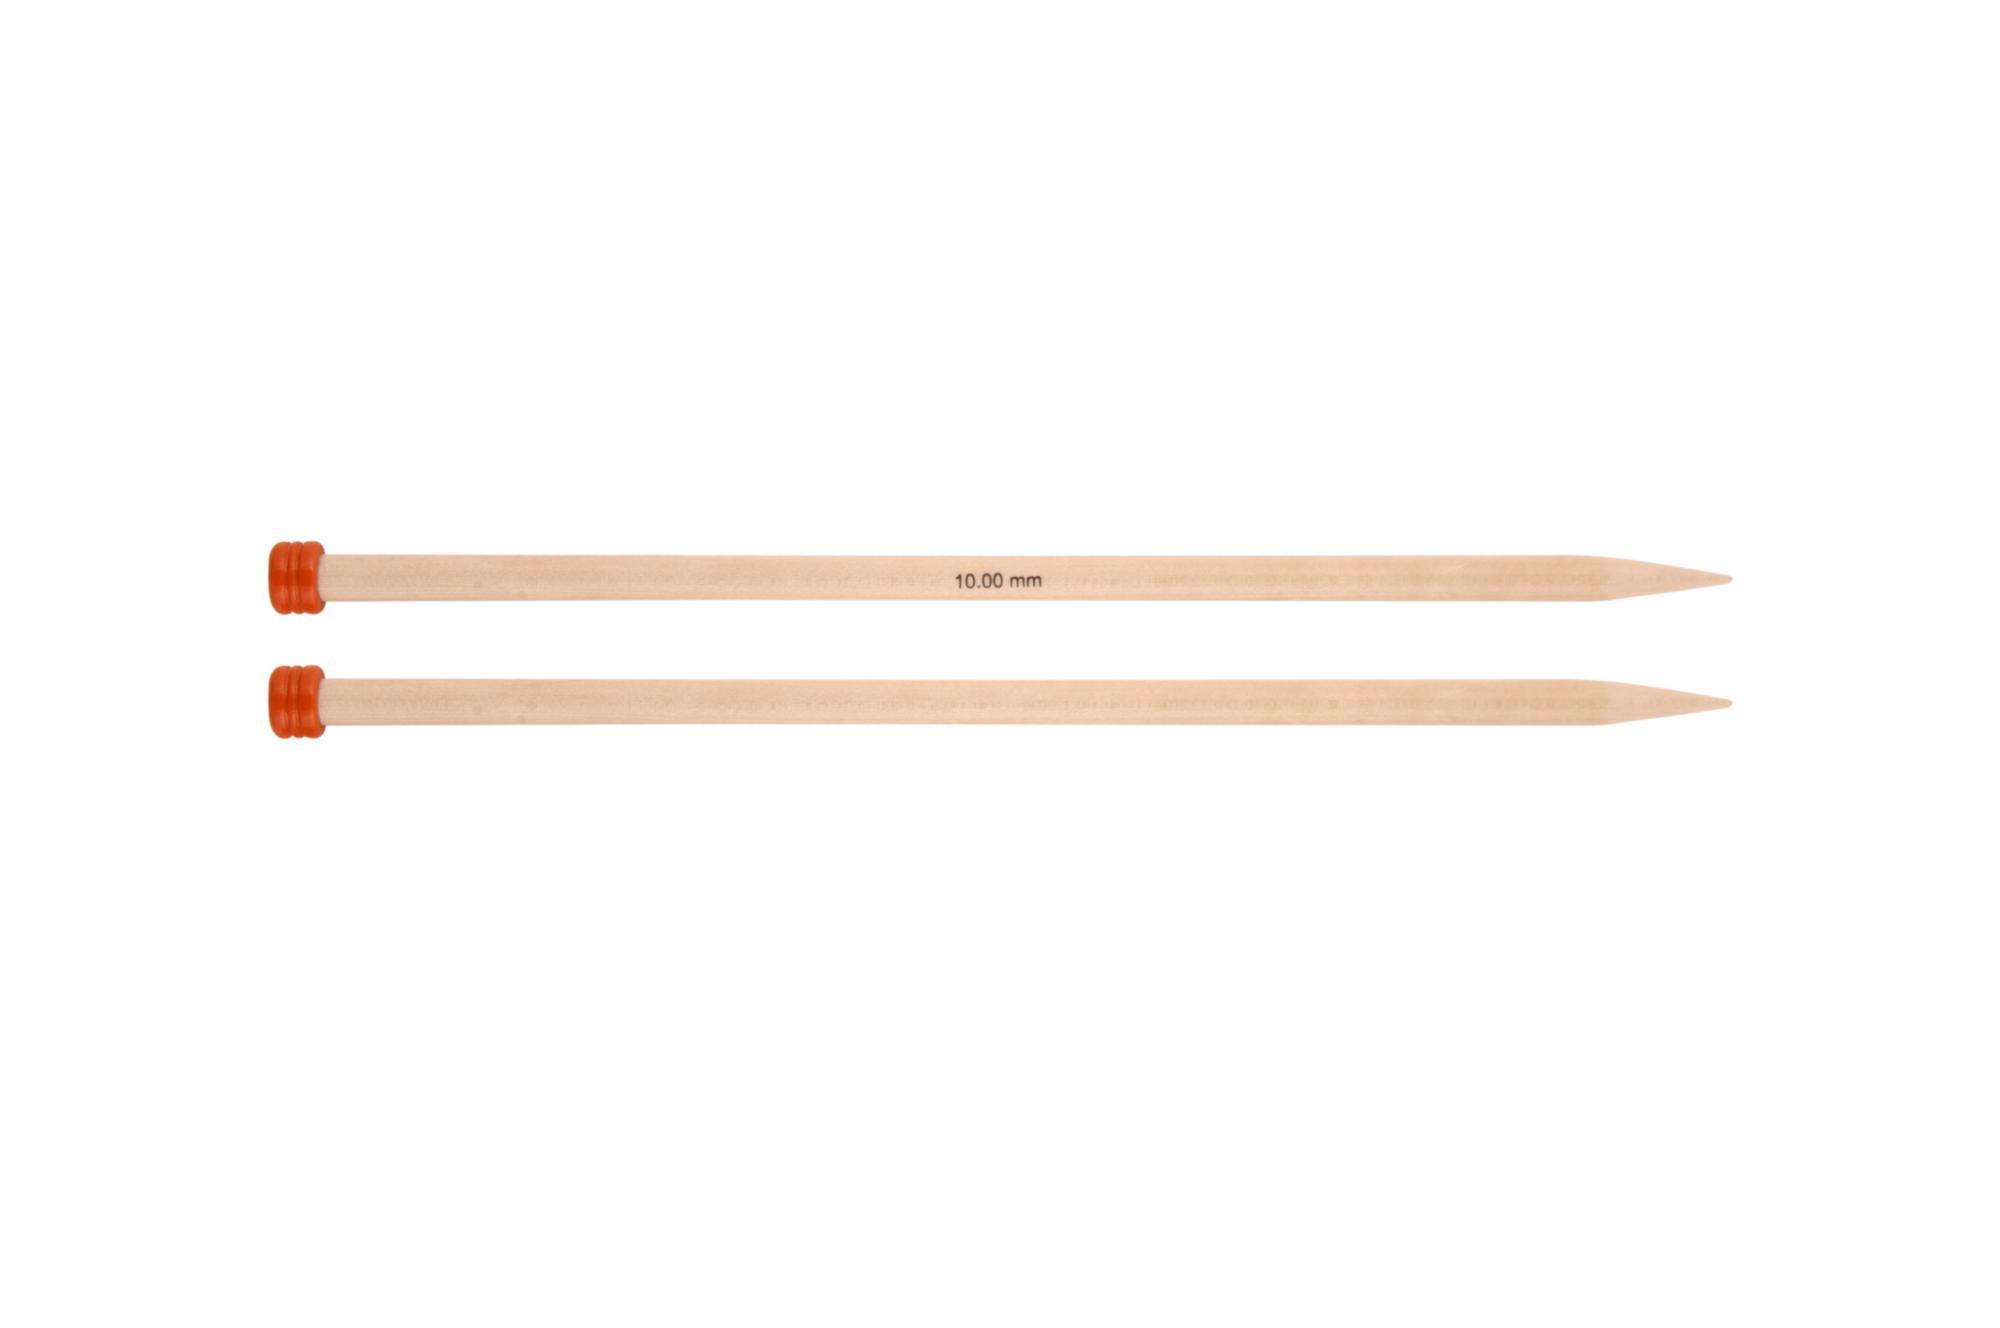 Спицы прямые 40 см Basix Birch Wood KnitPro, 35287, 10.00 мм